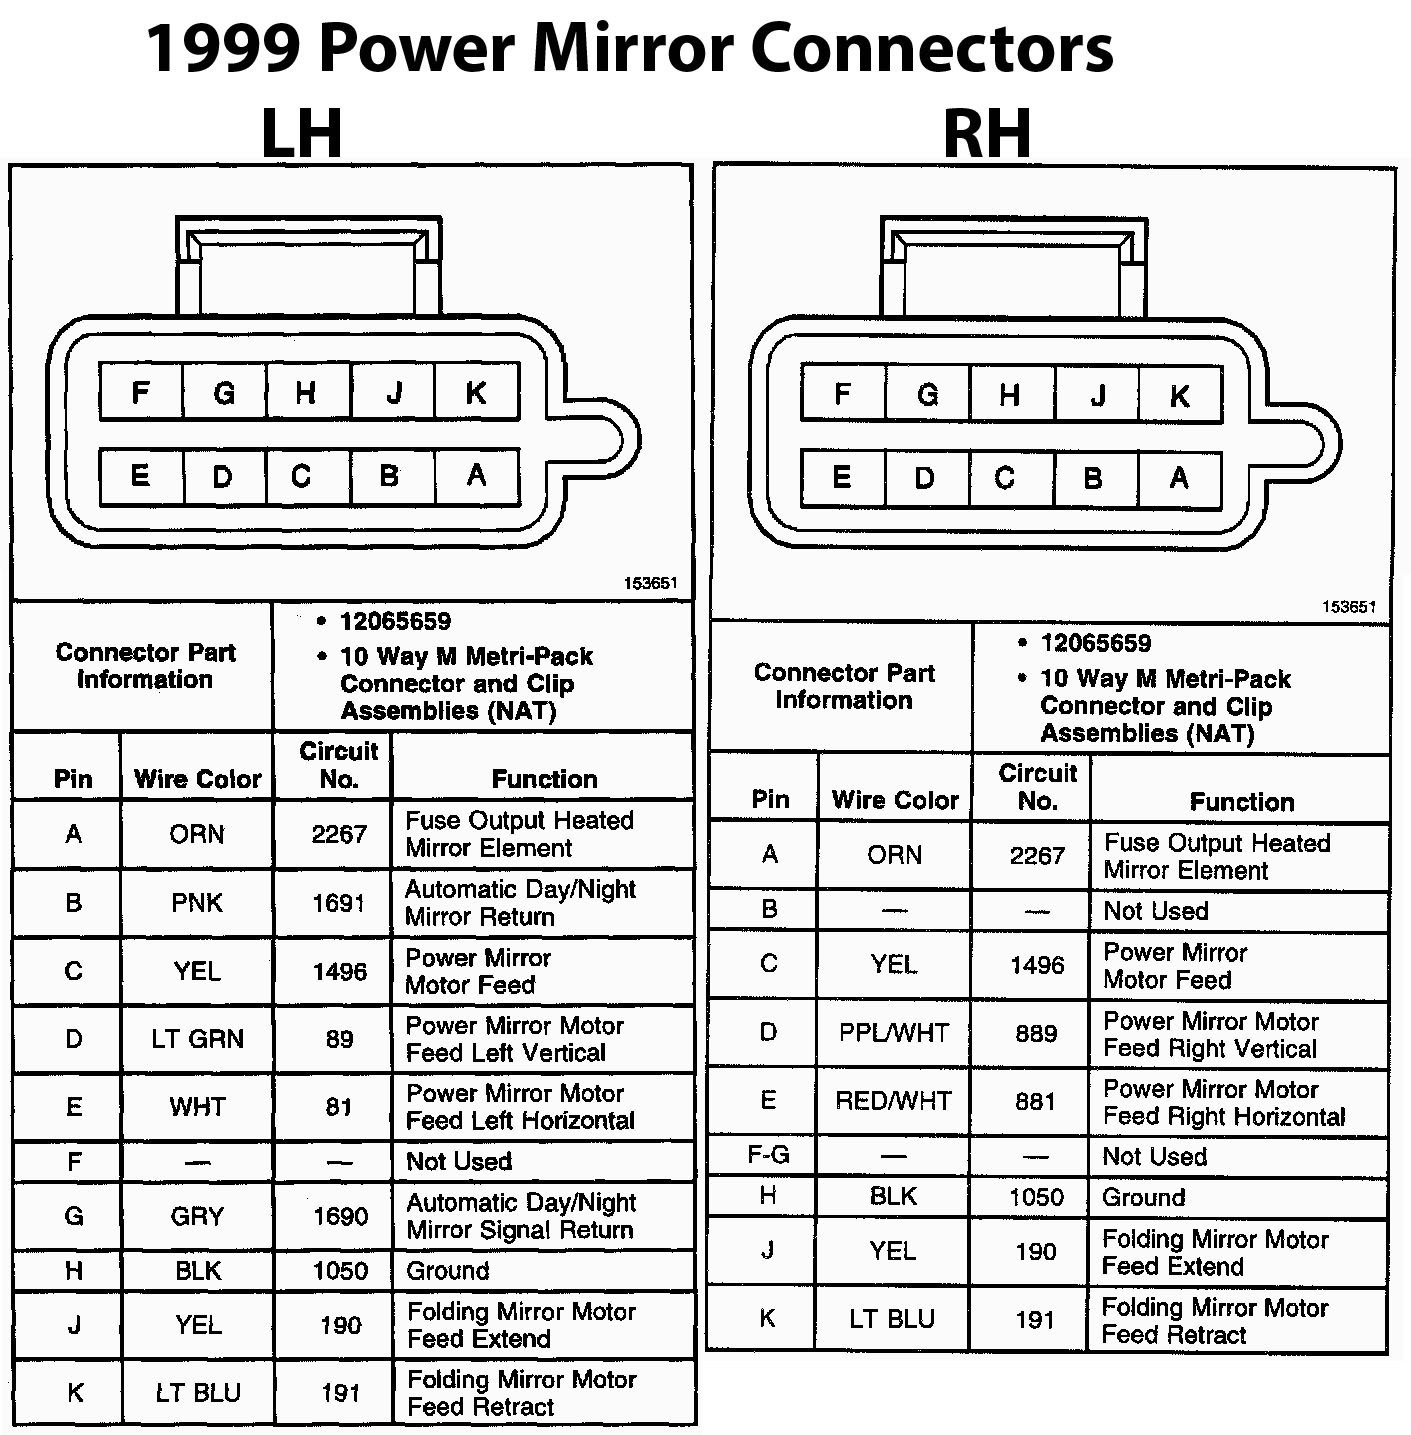 velvac mirror wiring diagram part numbers just another wiringvelvac mirror wiring diagram chevrolet wiring diagram schematics velvac camera wiring diagram velvac mirror wiring diagram part numbers